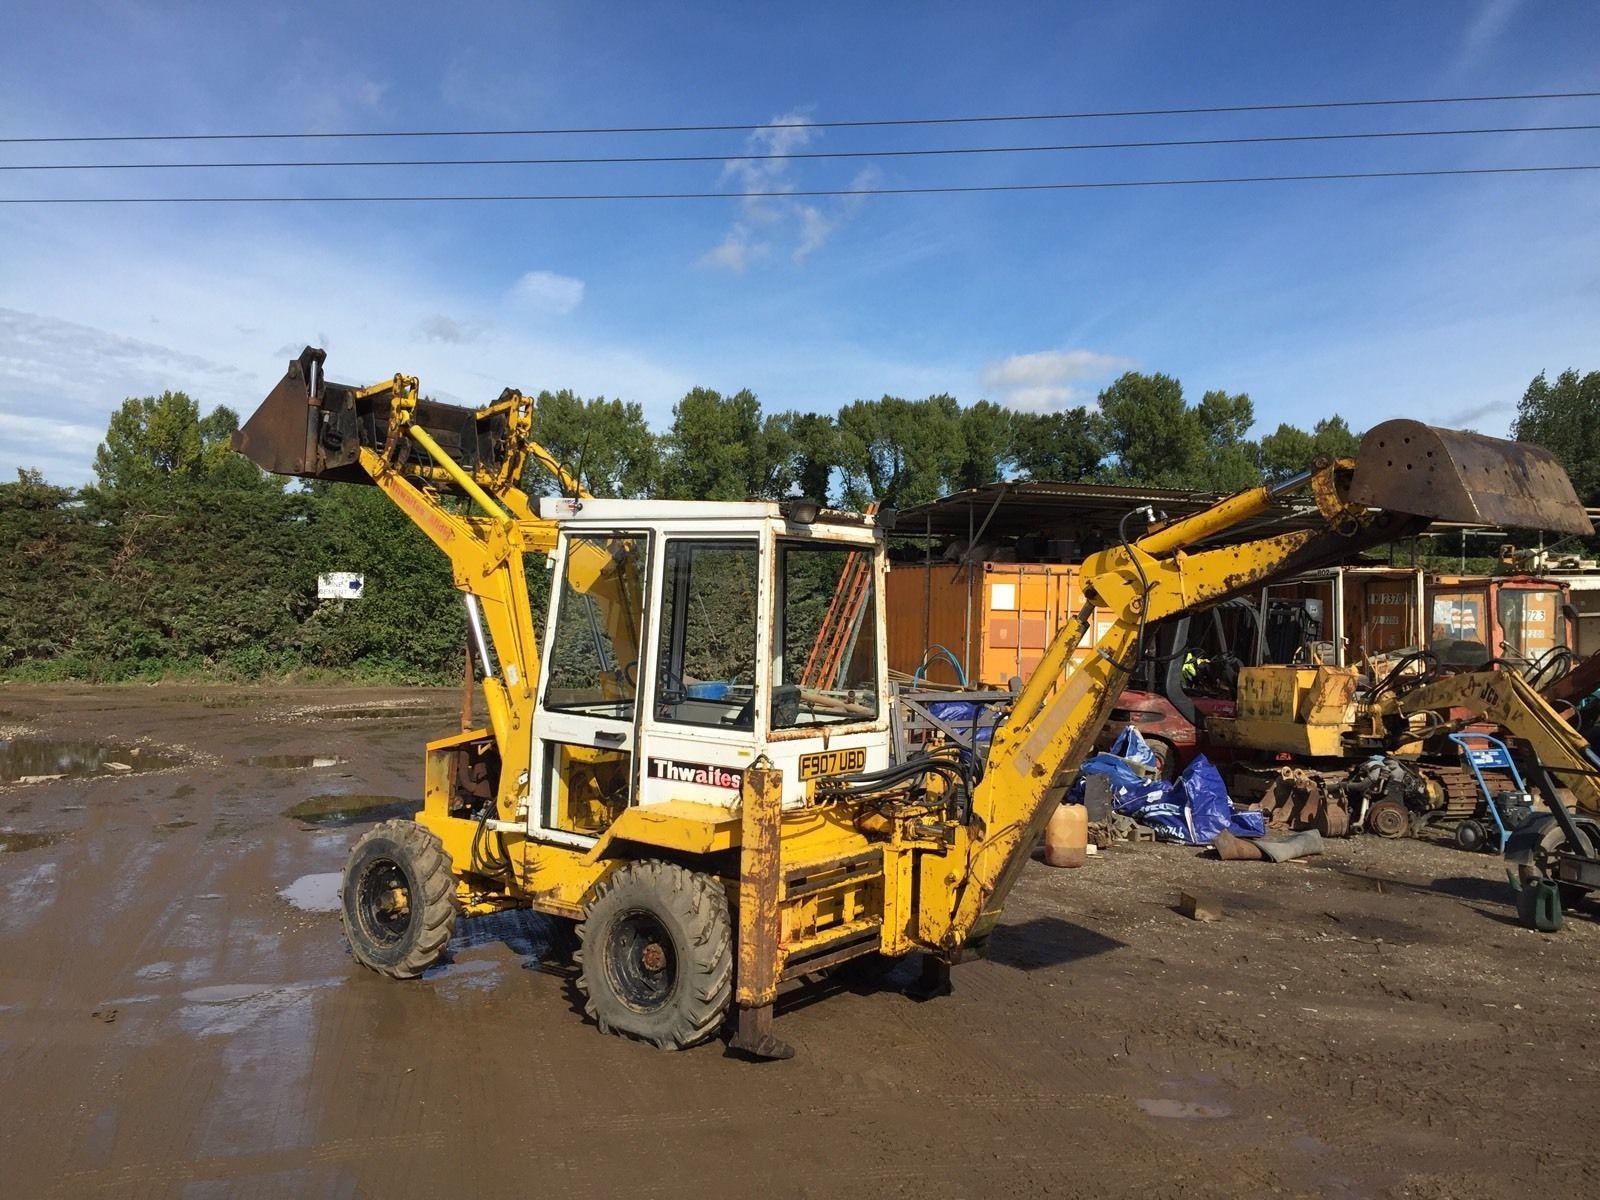 Thwaites Alldig Digger Backhoe Excavator Dumper Dig Kubota